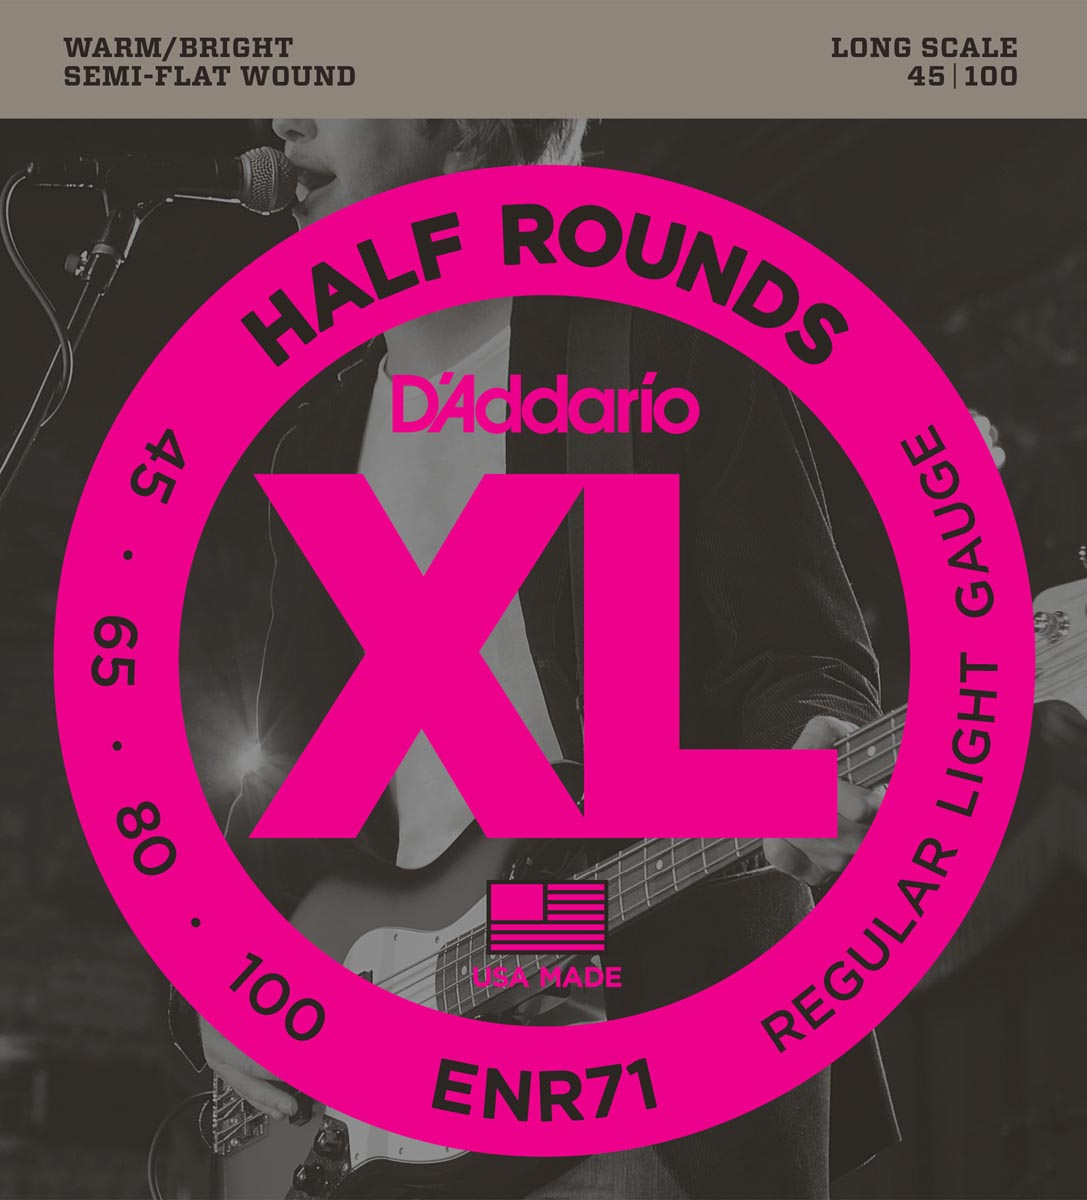 DADDARIO ENR71 XL HALF ROUNDS REGULAR LIGHT [45-100]